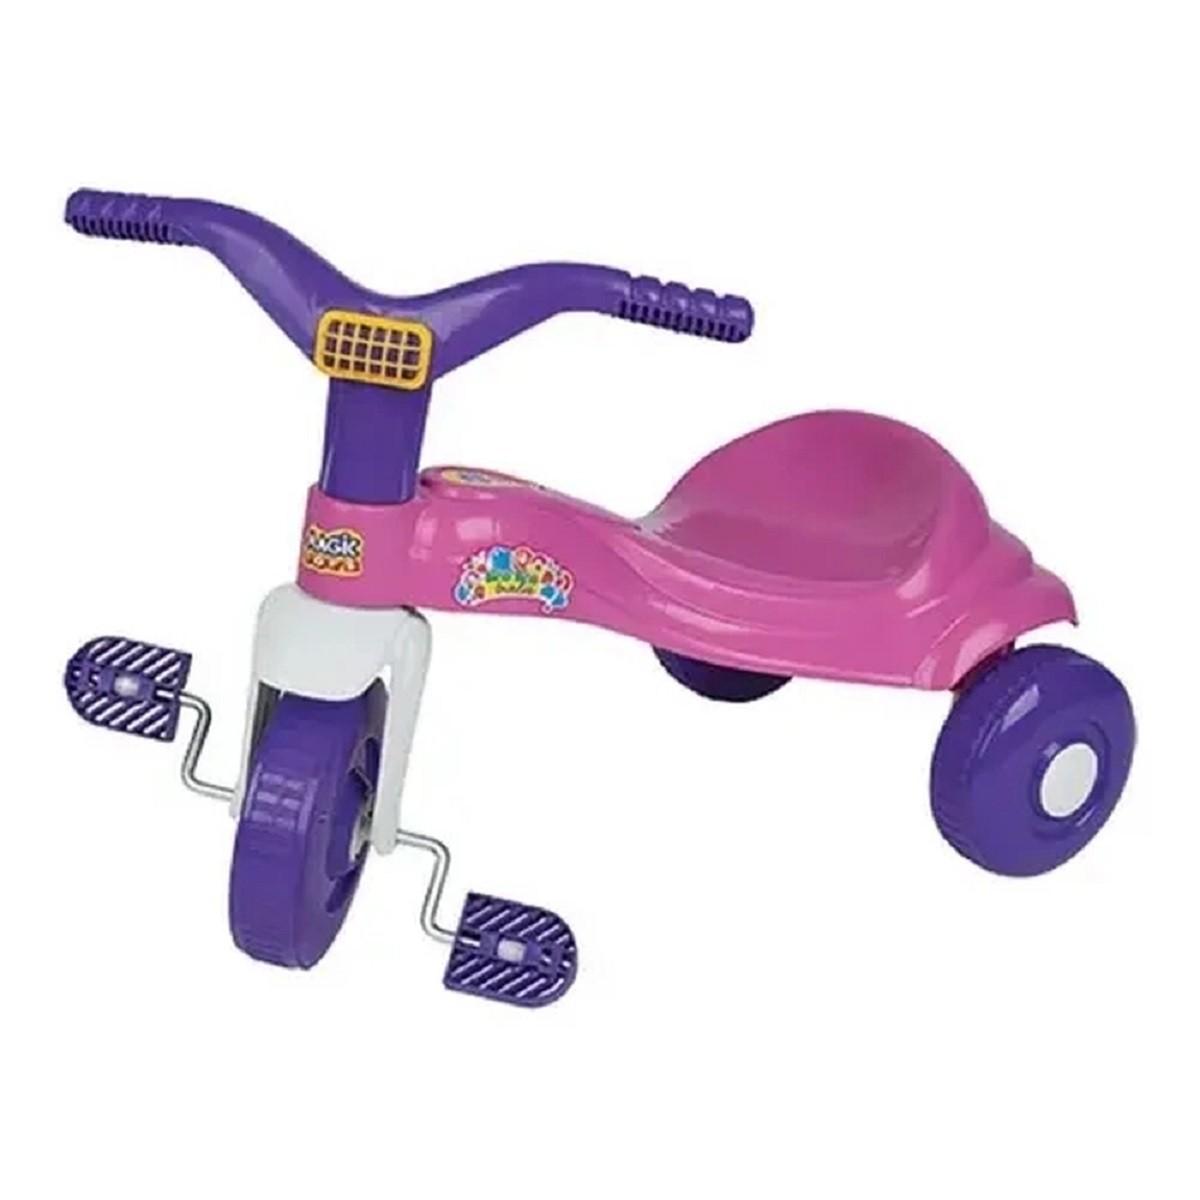 Triciclo Tico Tico Bala Rosa Magic Toys